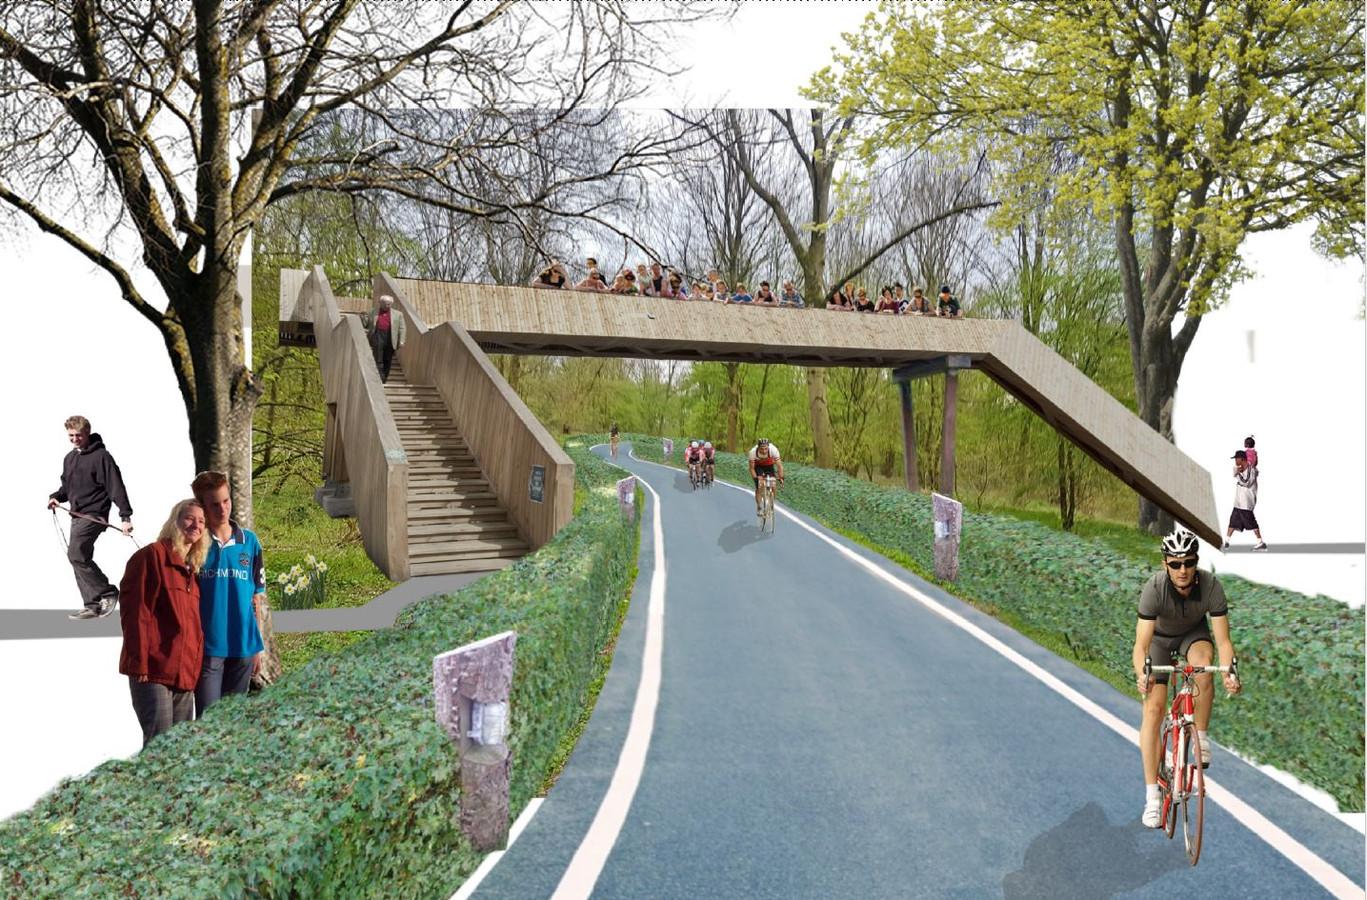 Toekomstbeeld van het Kanaalpark: een wielerparcours met vier bruggen om wandelaars te laten oversteken.